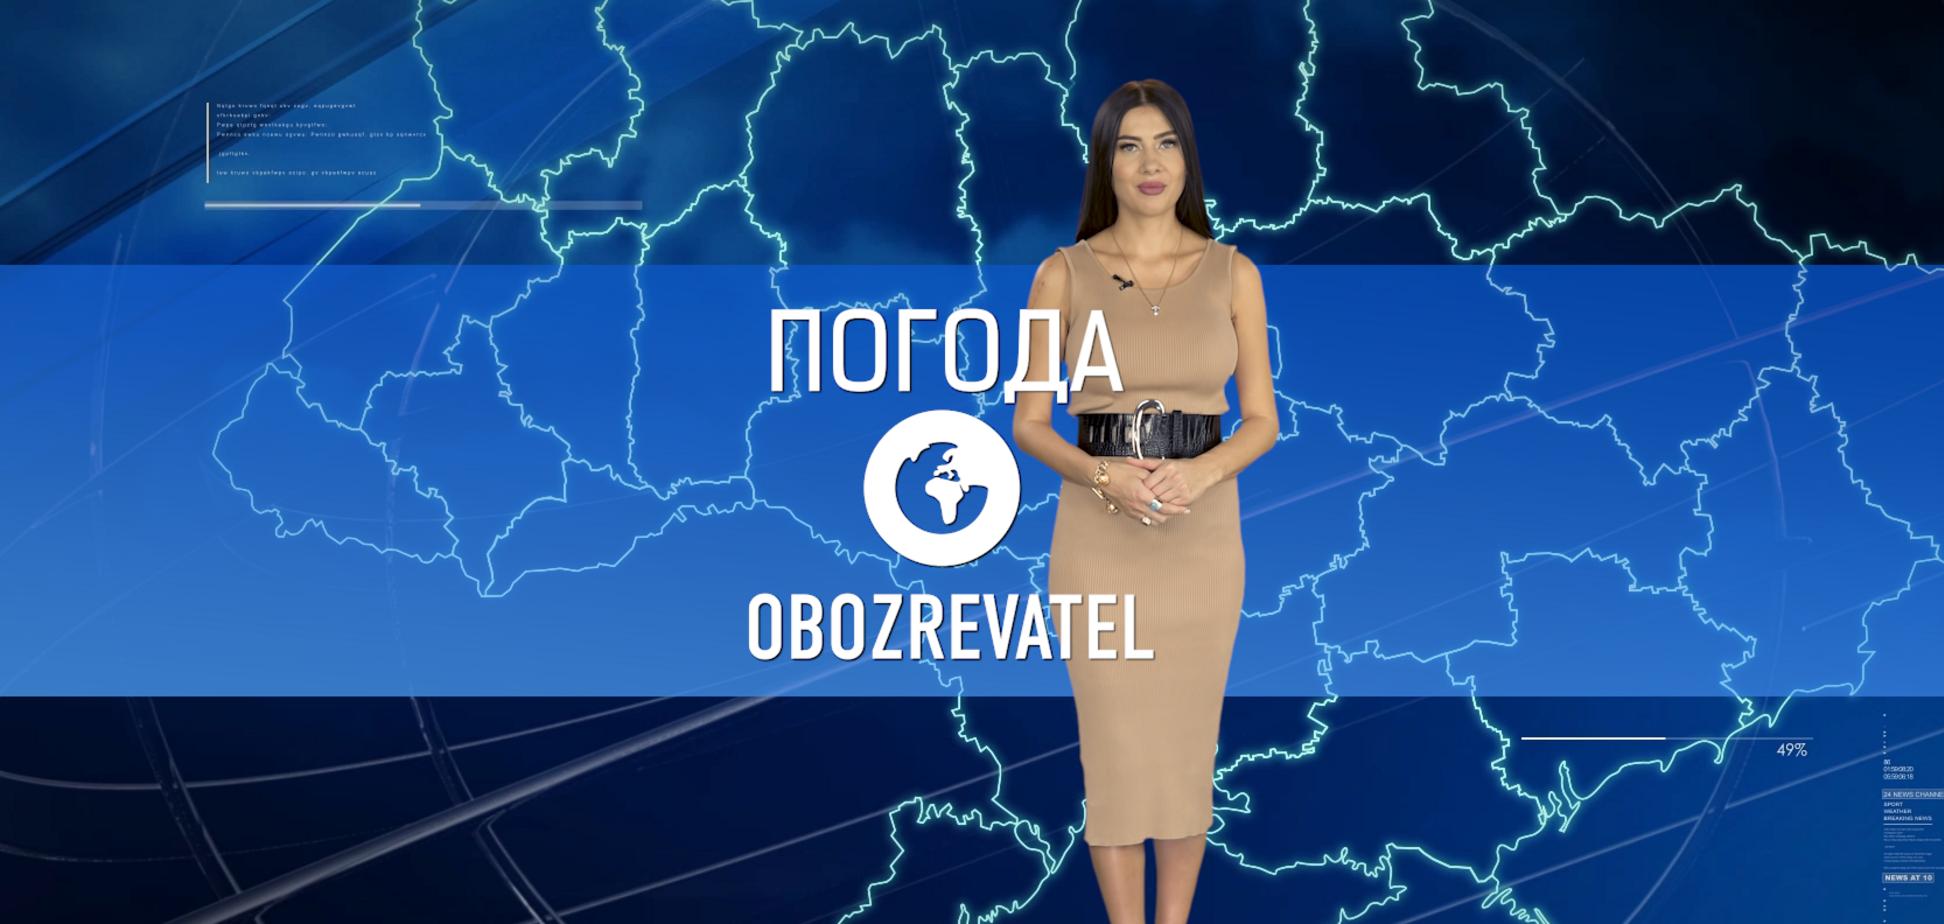 Прогноз погоды в Украине на среду, 6 октября, с Алисой Мярковской